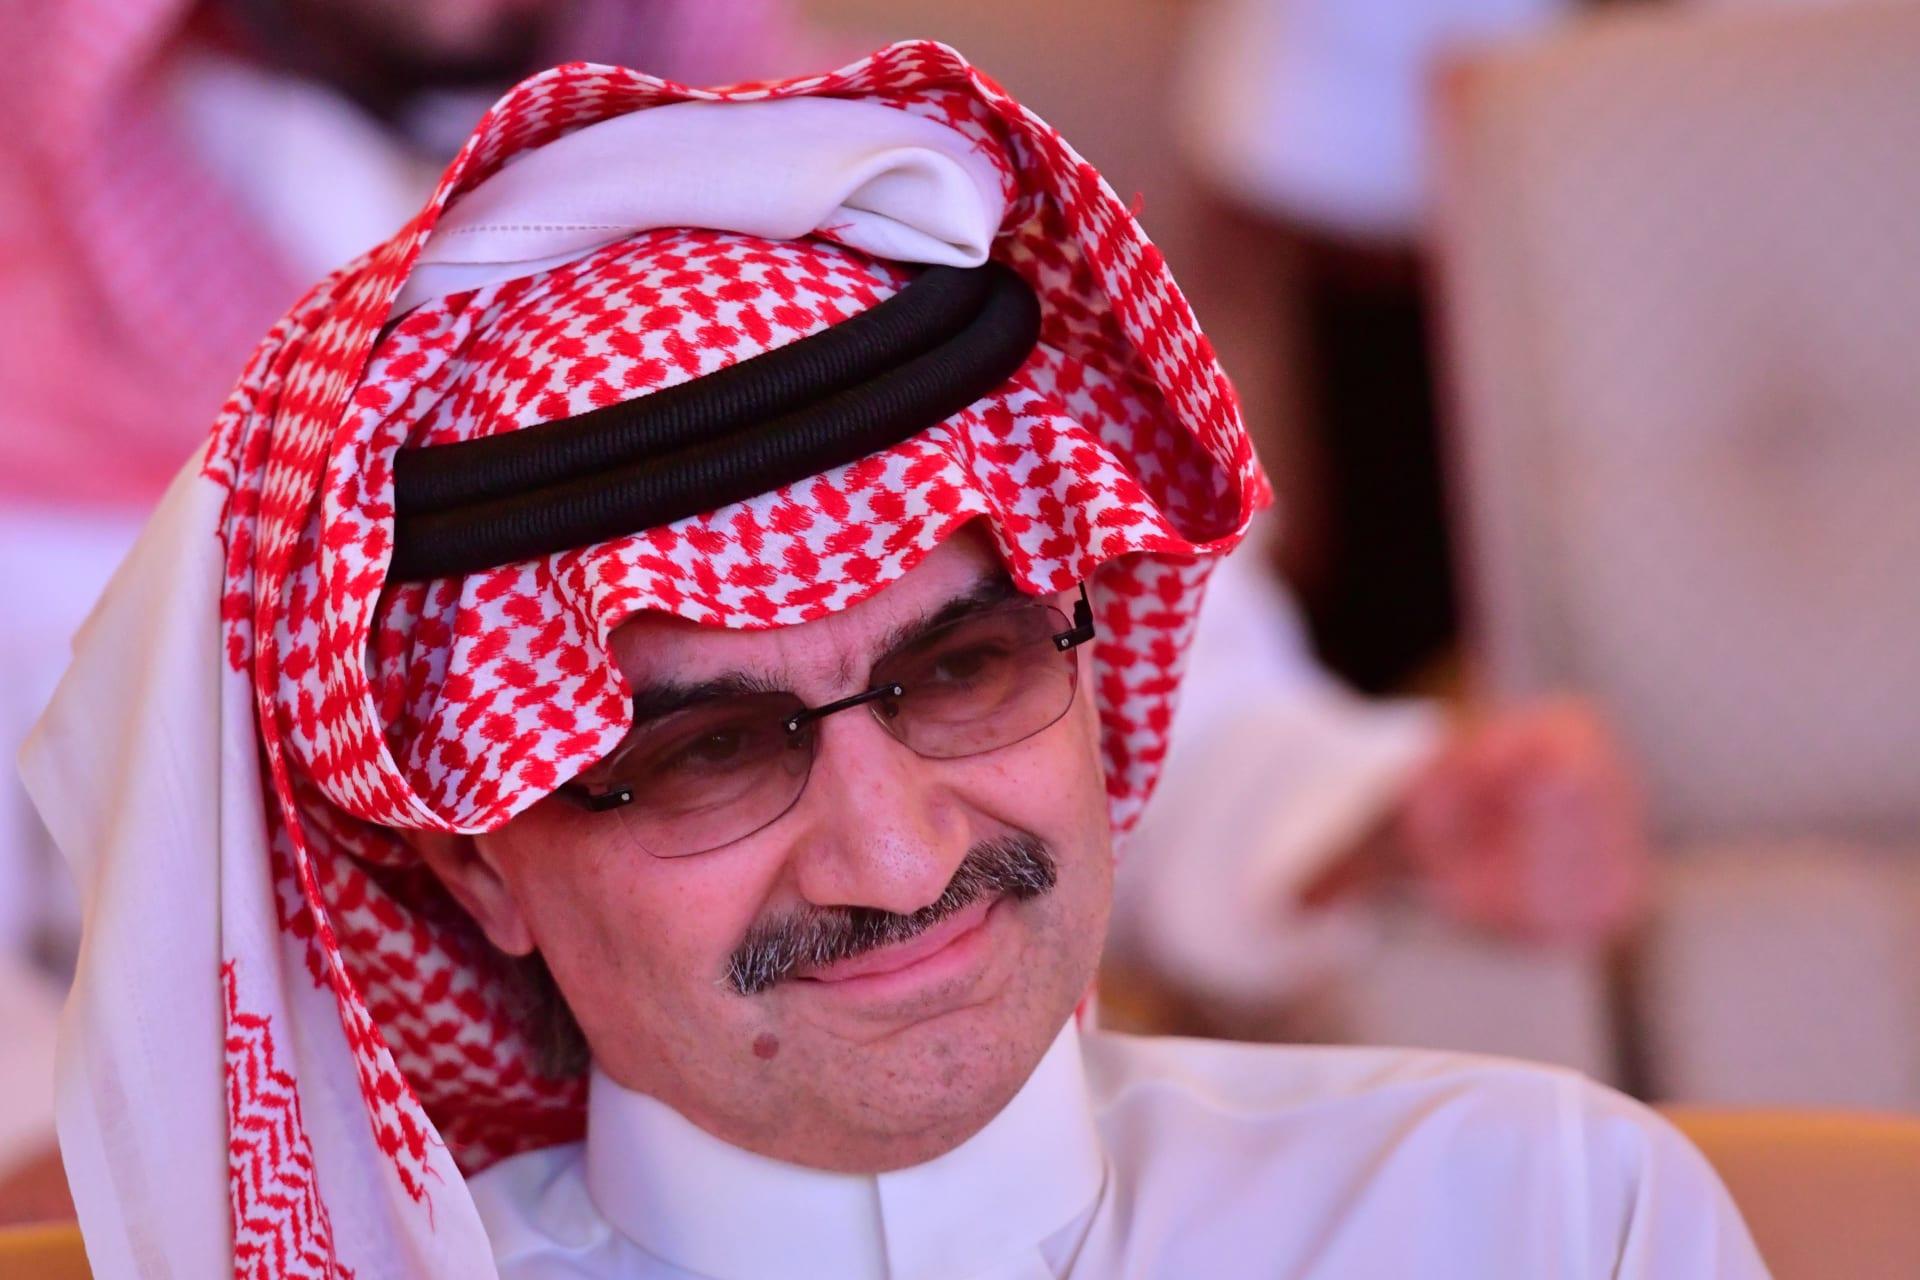 الوليد بن طلال يفتتح دار سينما بالسعودية: المملكة شهدت ثورة اجتماعية